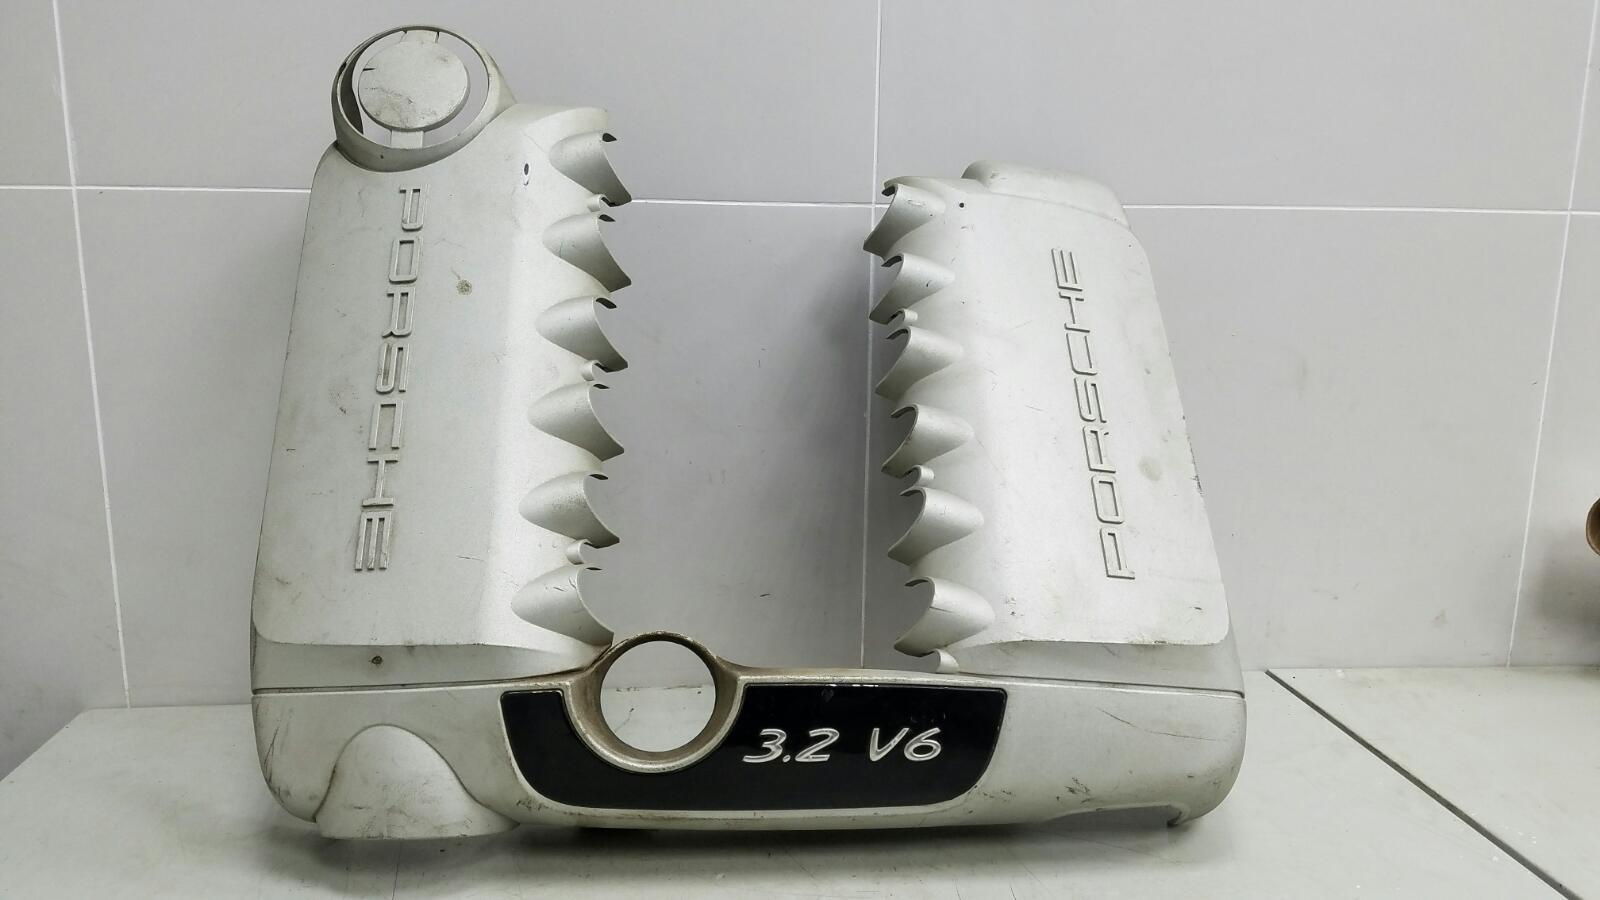 Декоративная крышка двигателя двс Porshe Cayenne 955 BMV M02.2Y 3.2Л 2005